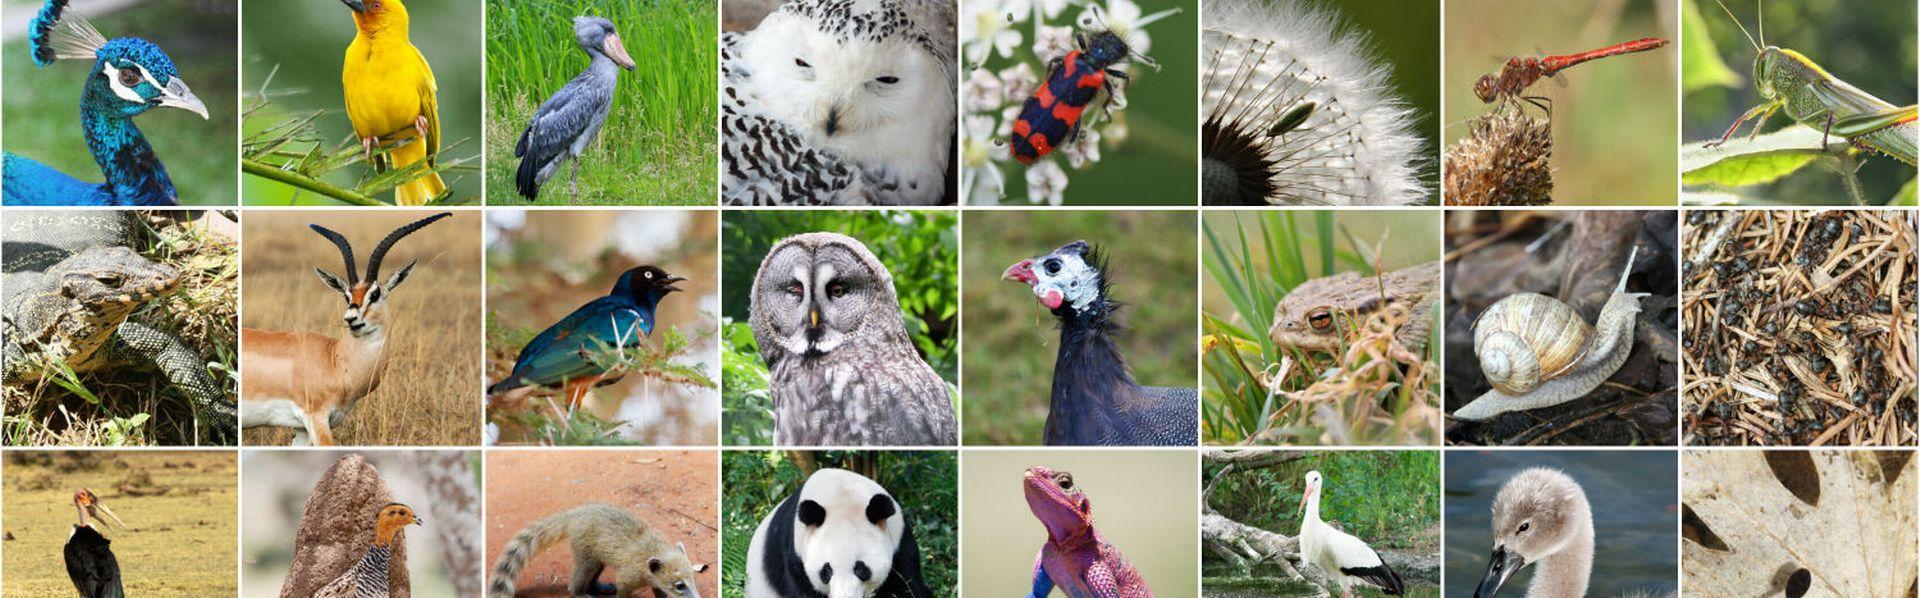 Le dossier sur la biodiversité de RTS Découverte [© Yü Lan  - Fotolia]